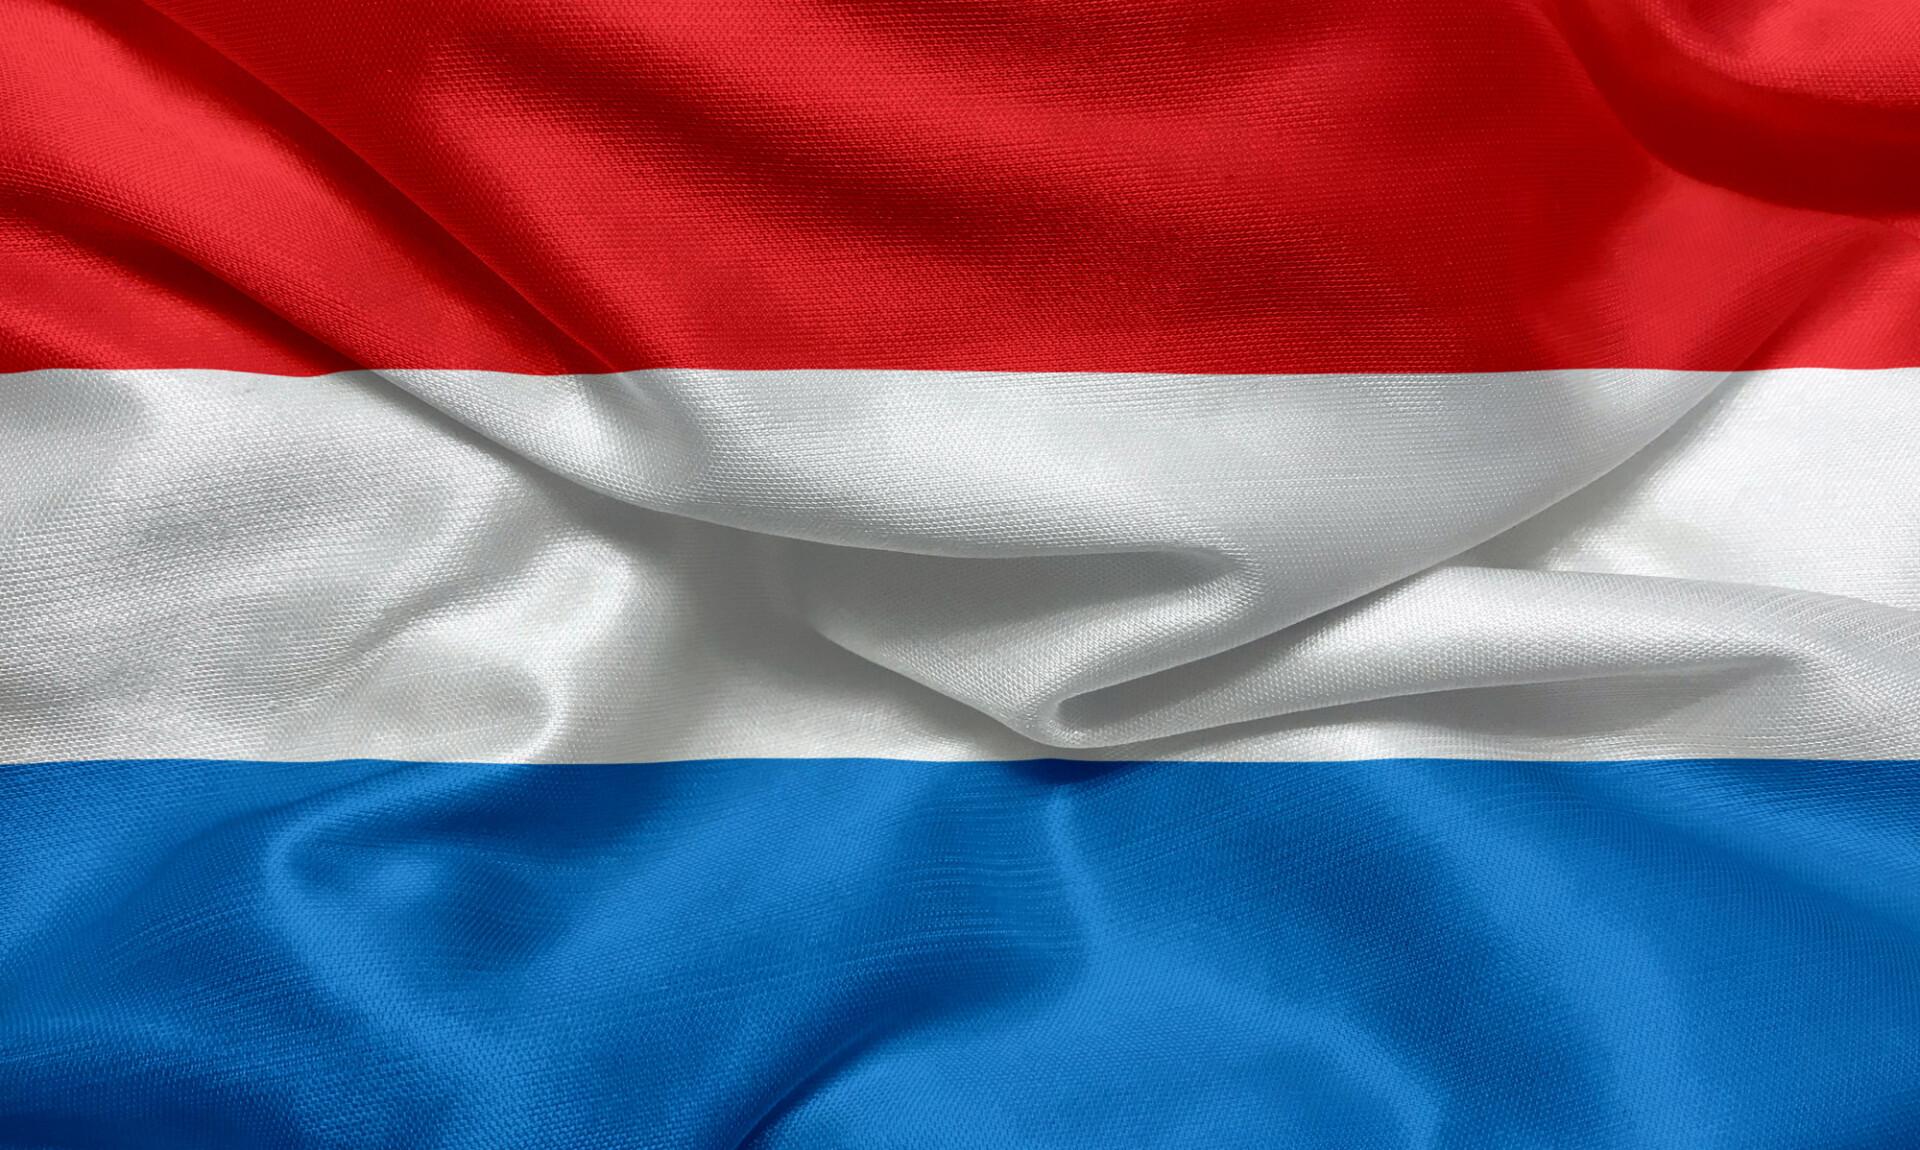 Flag of Heilbronn, Baden-Württemberg